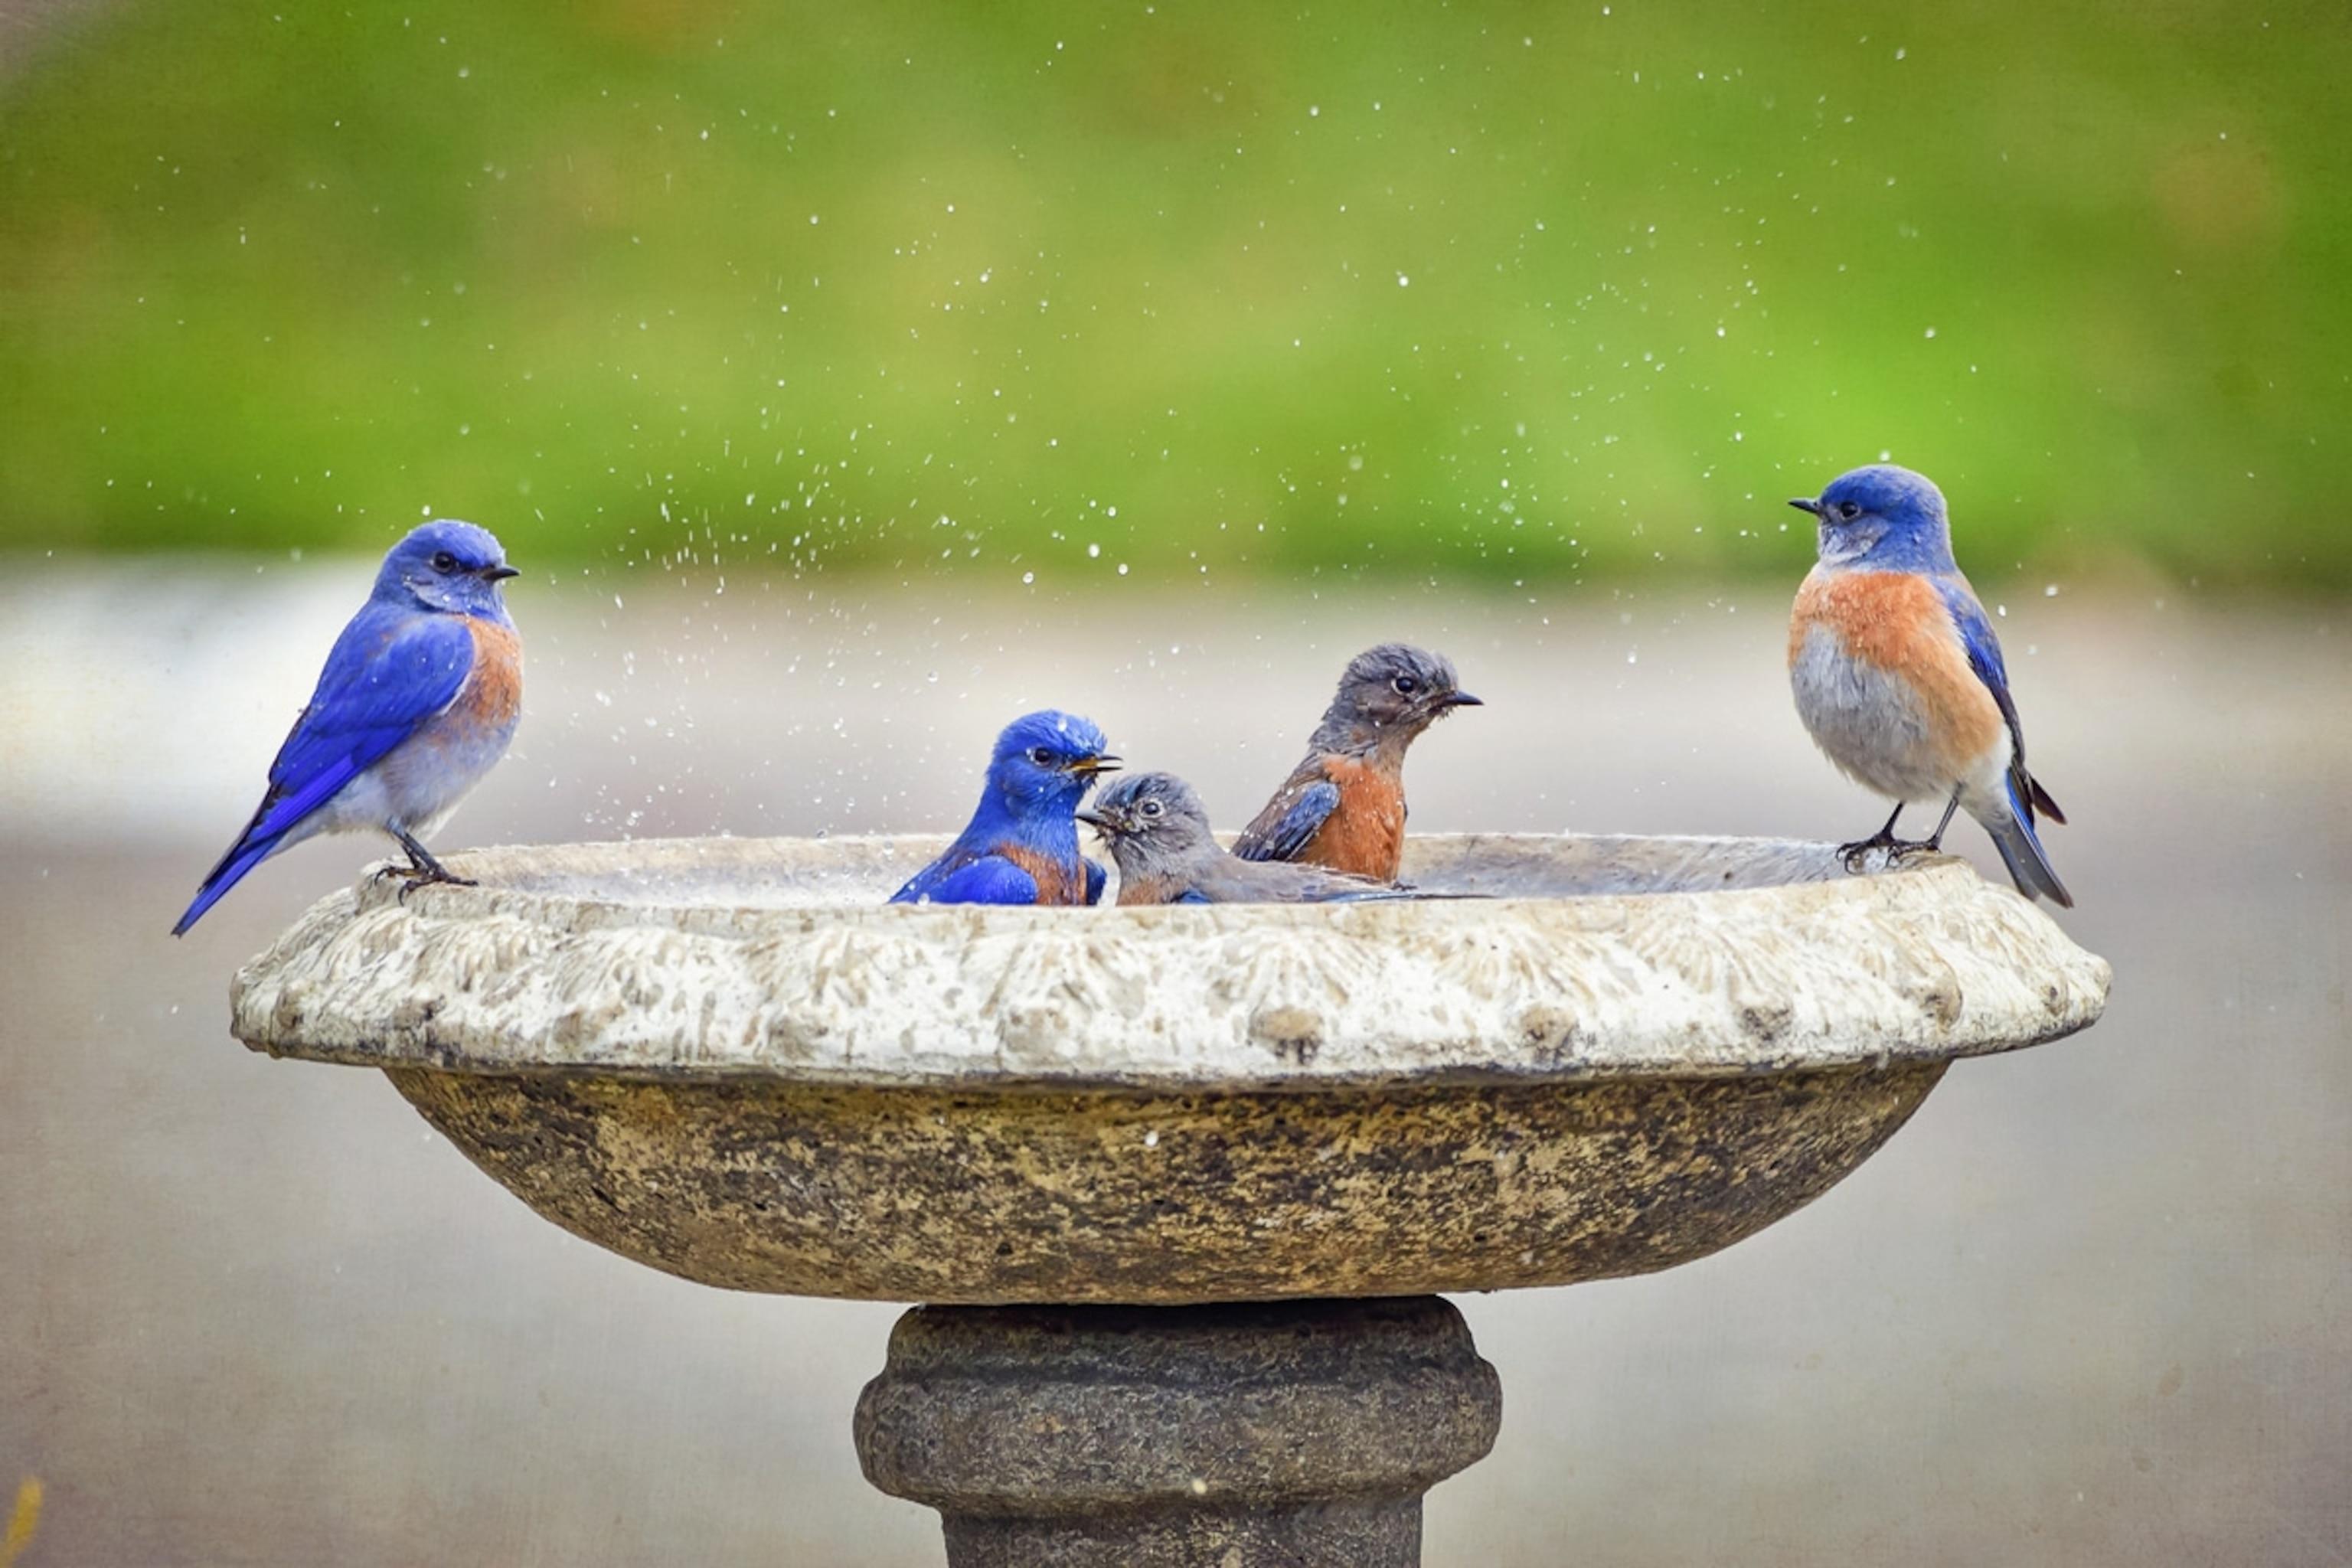 Birds-in-Birdbath_Bird-Happiness_FAMILY_0421.jpg